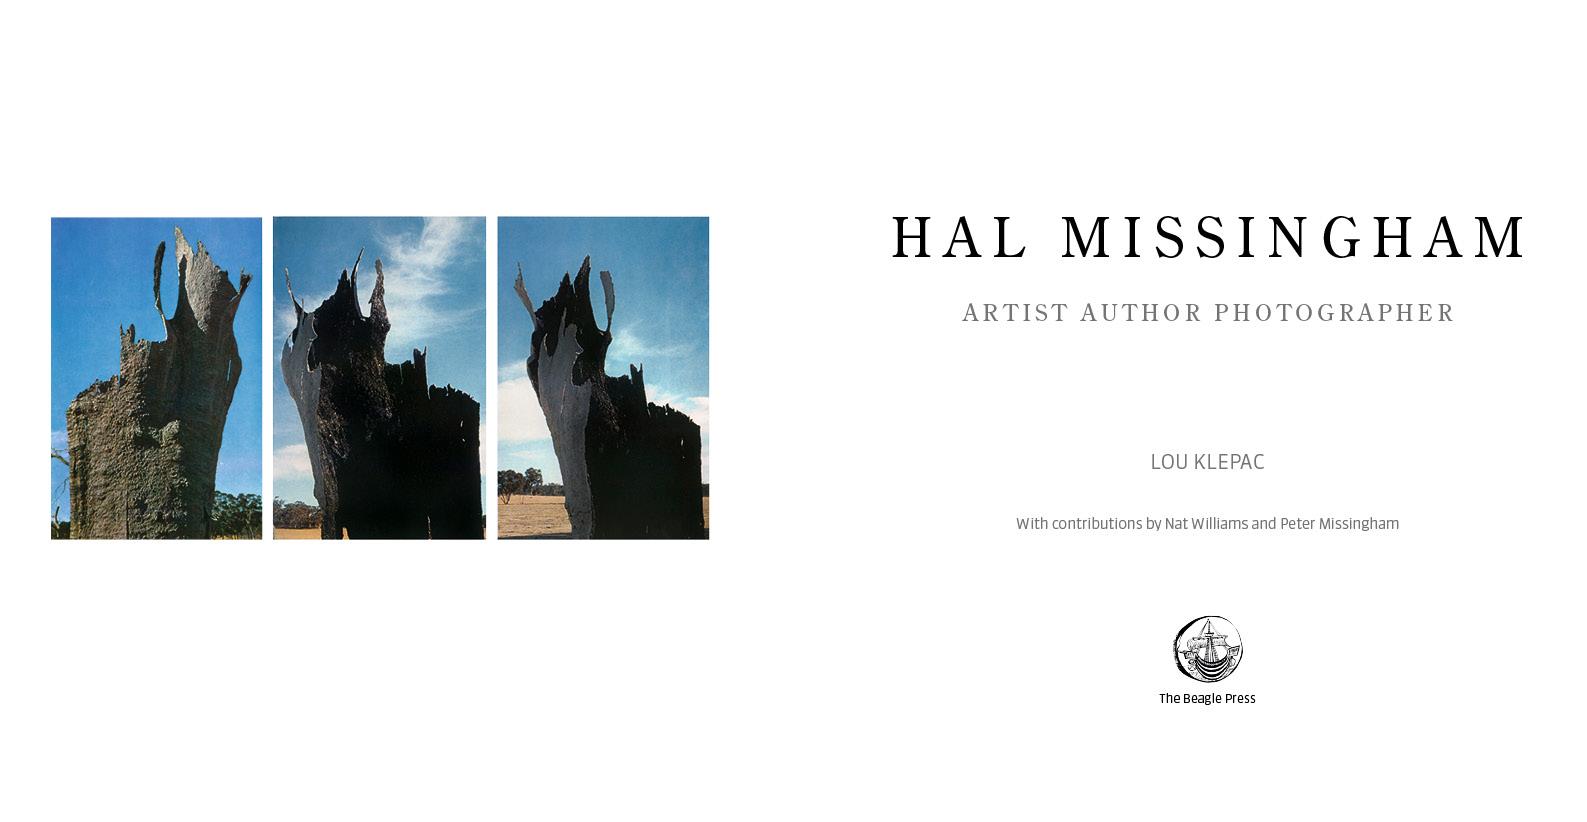 Hal_Missingham_01.jpg